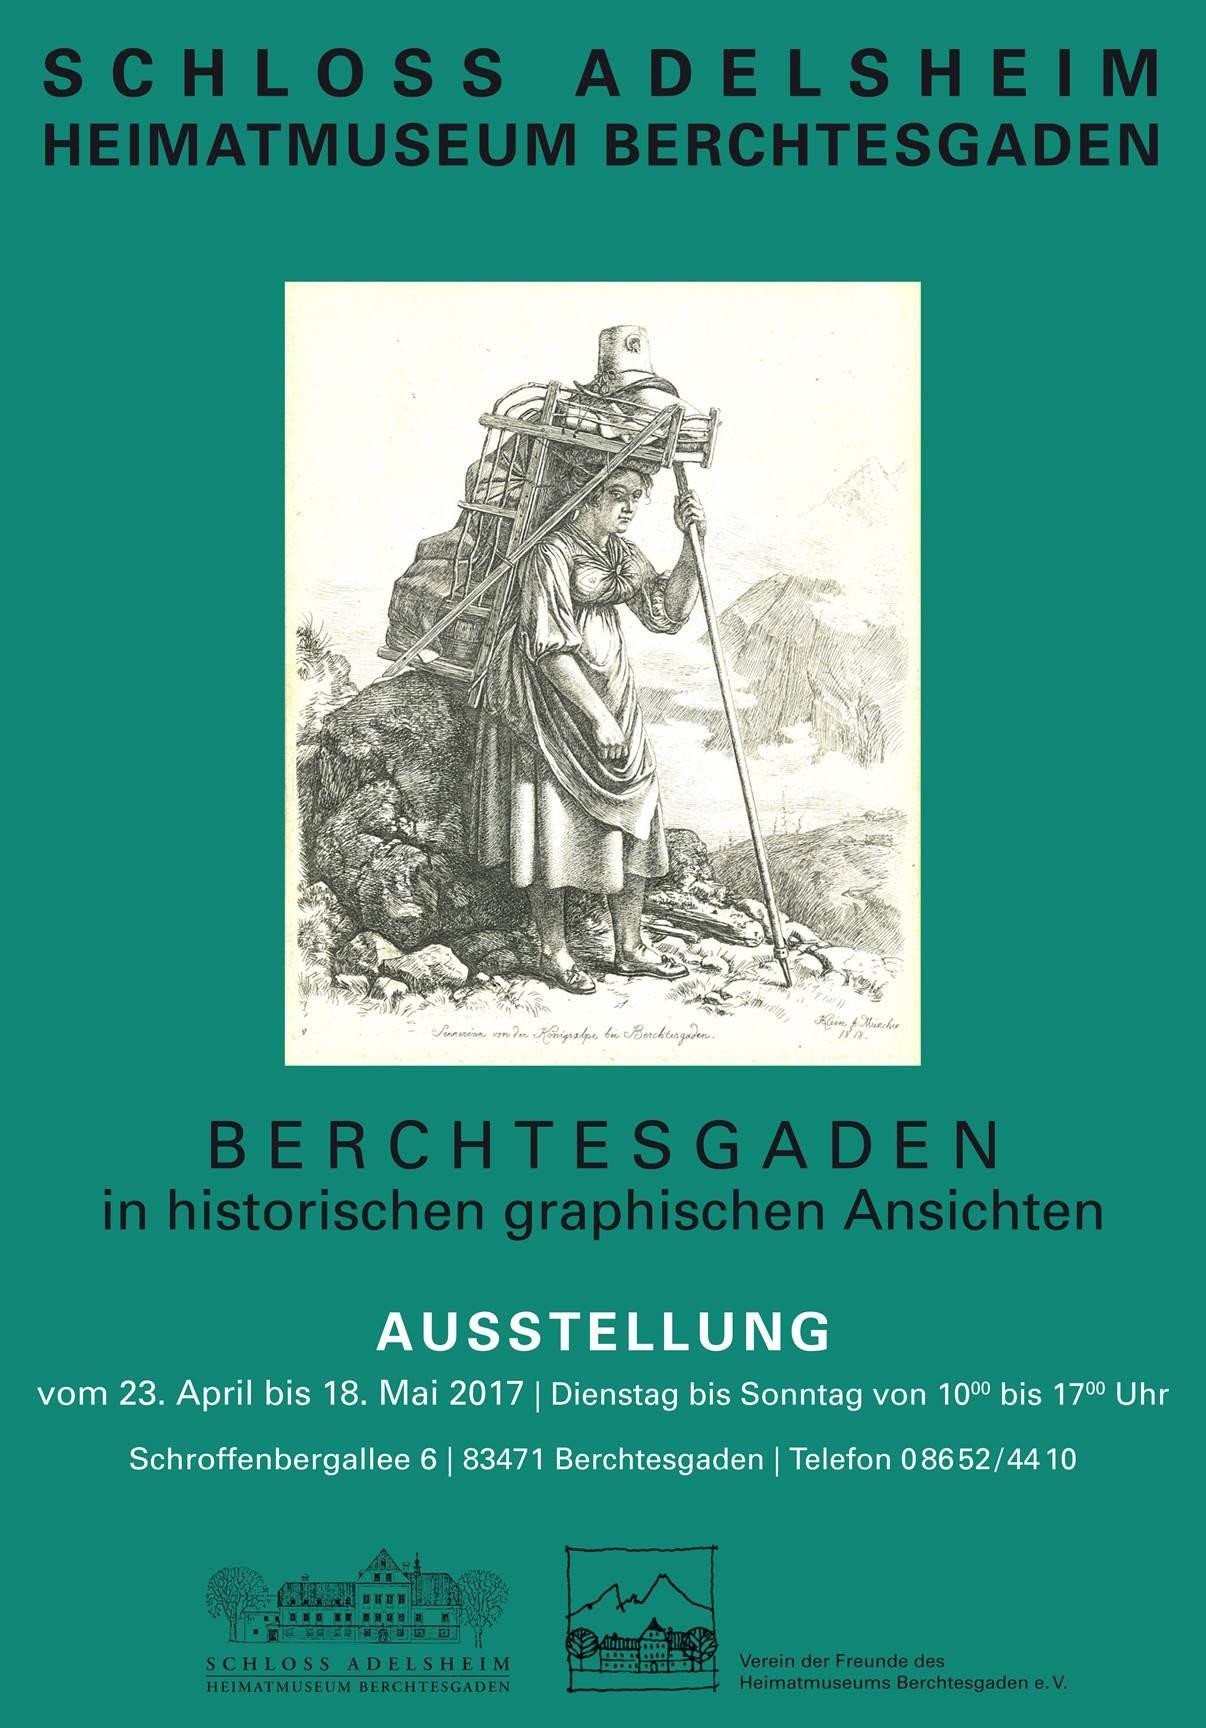 Ausstellung historisch graphischer Ansichten in Berchtesgaden